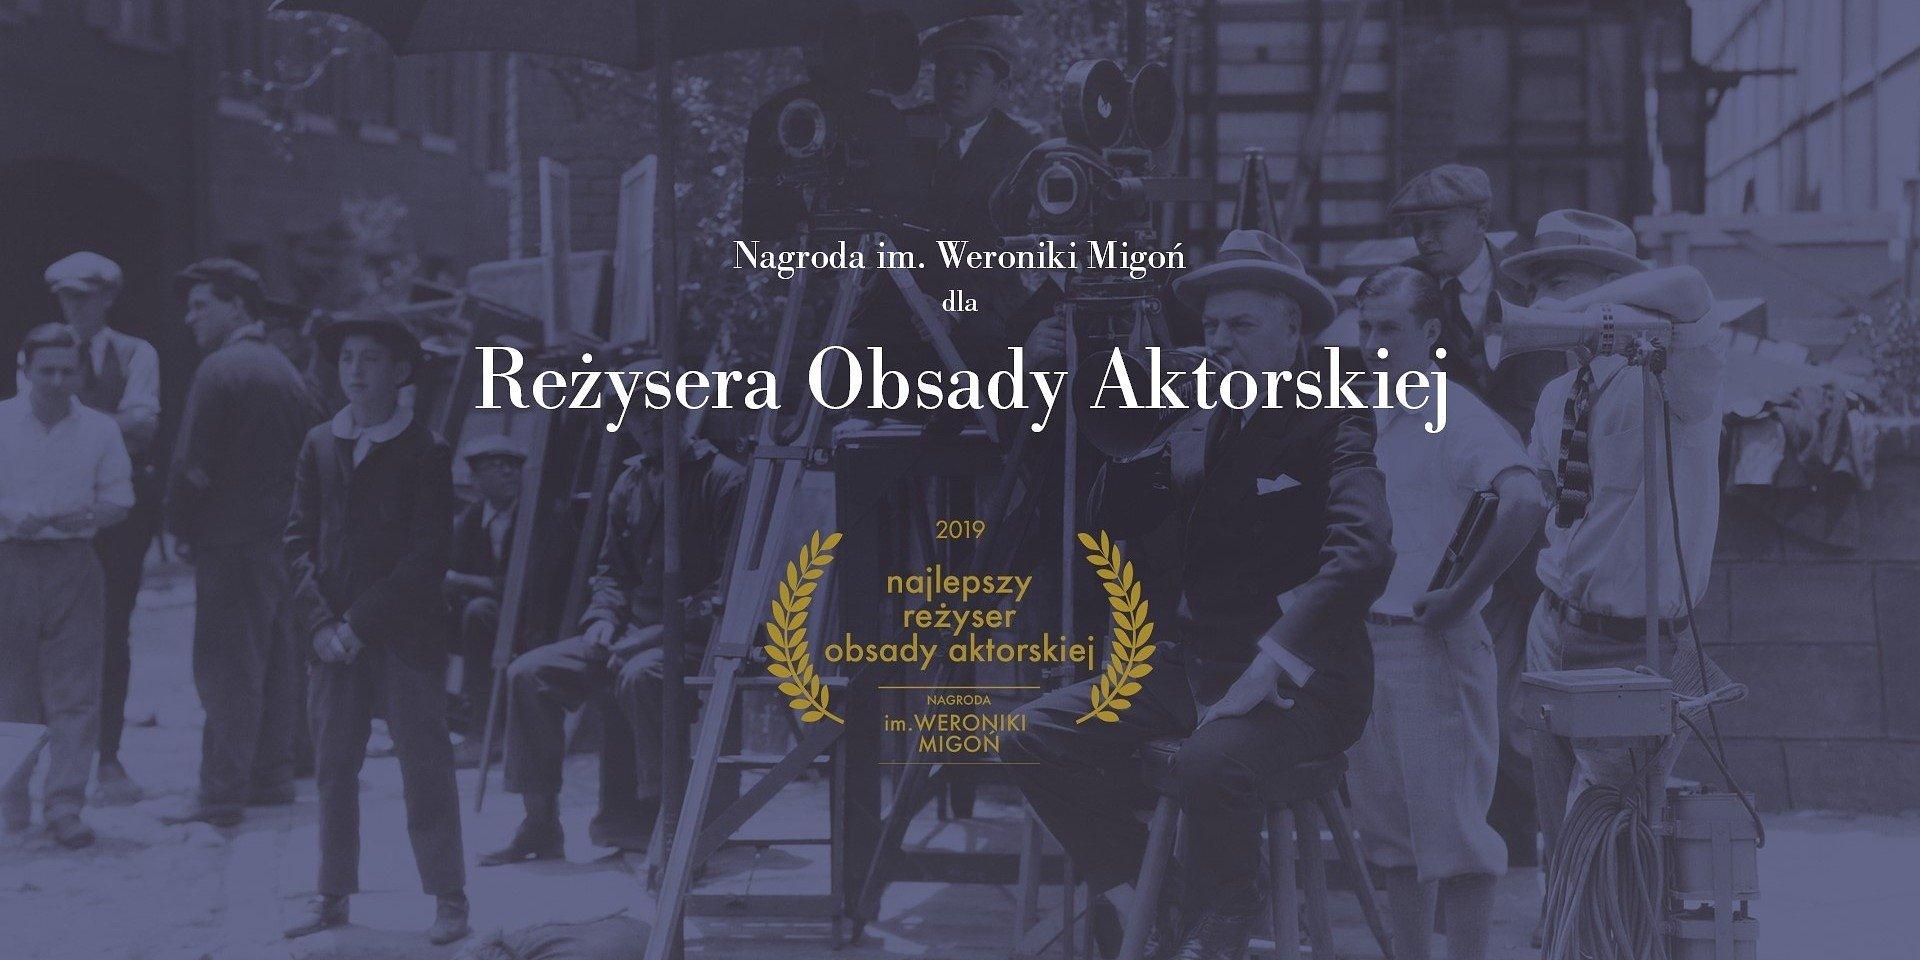 Relacja live z wręczenia Nagrody im. Weroniki Migoń na Facebooku TVN Fabuła